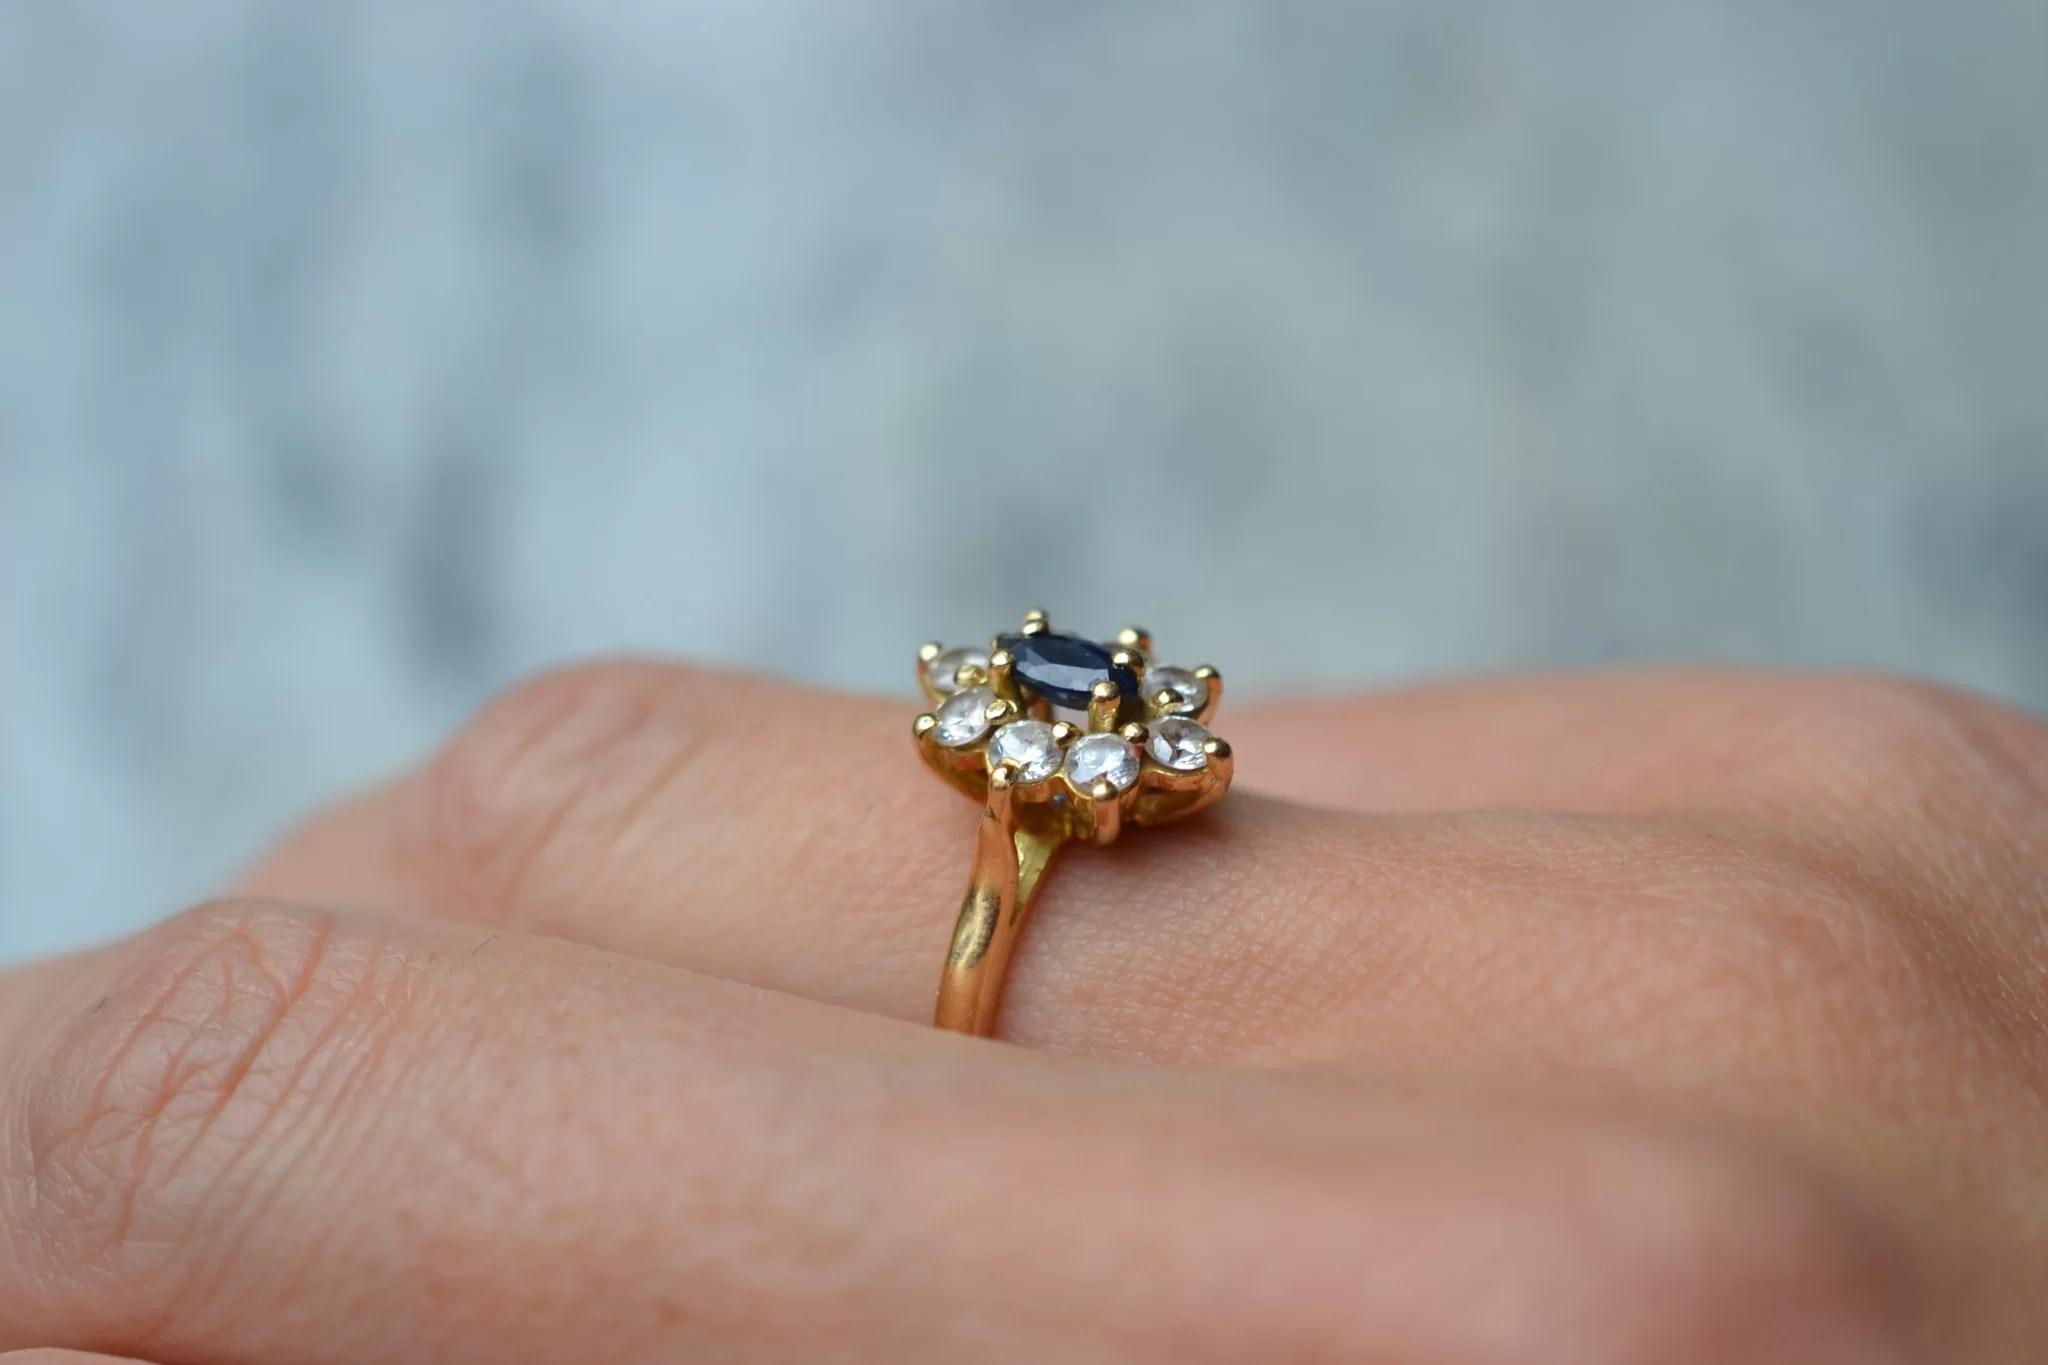 bague ancienne marguerite en Or et saphir - Or 18 carats - noircarat.fr - bgaue fiançailles mariage ethique